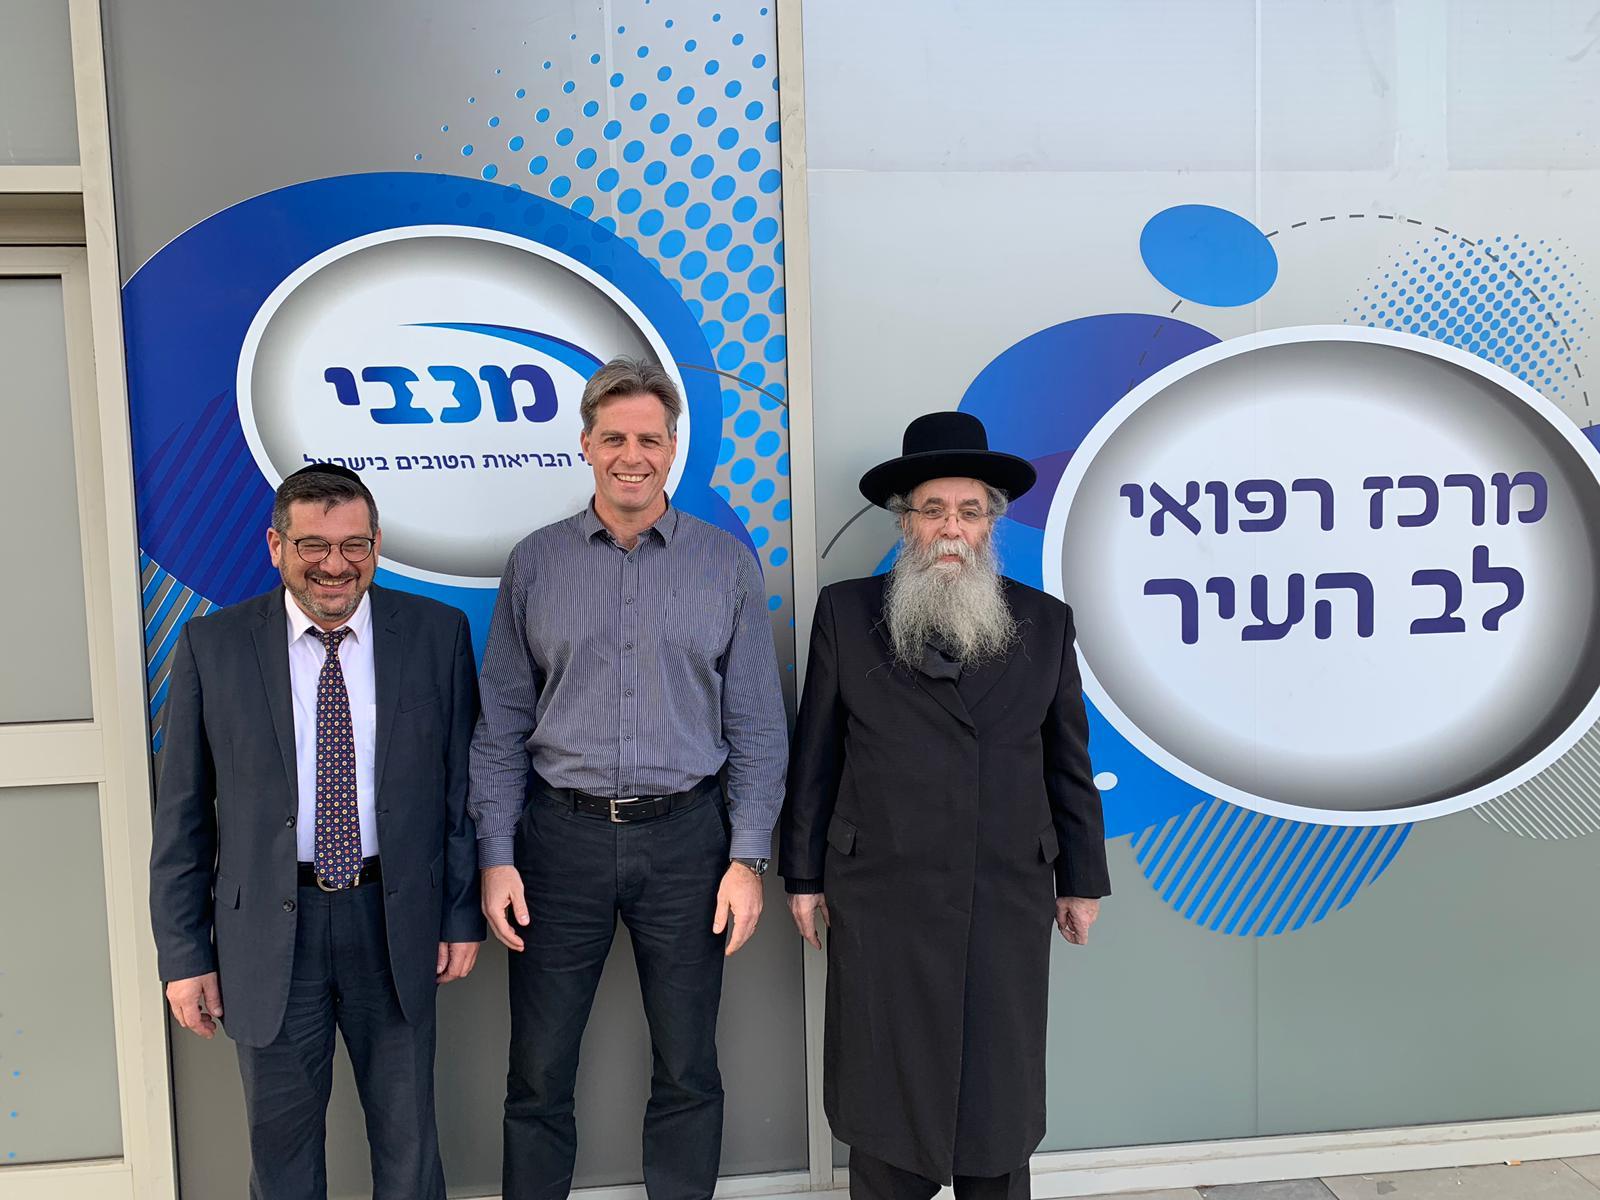 מכבי - תנופת רופאים ירושלים